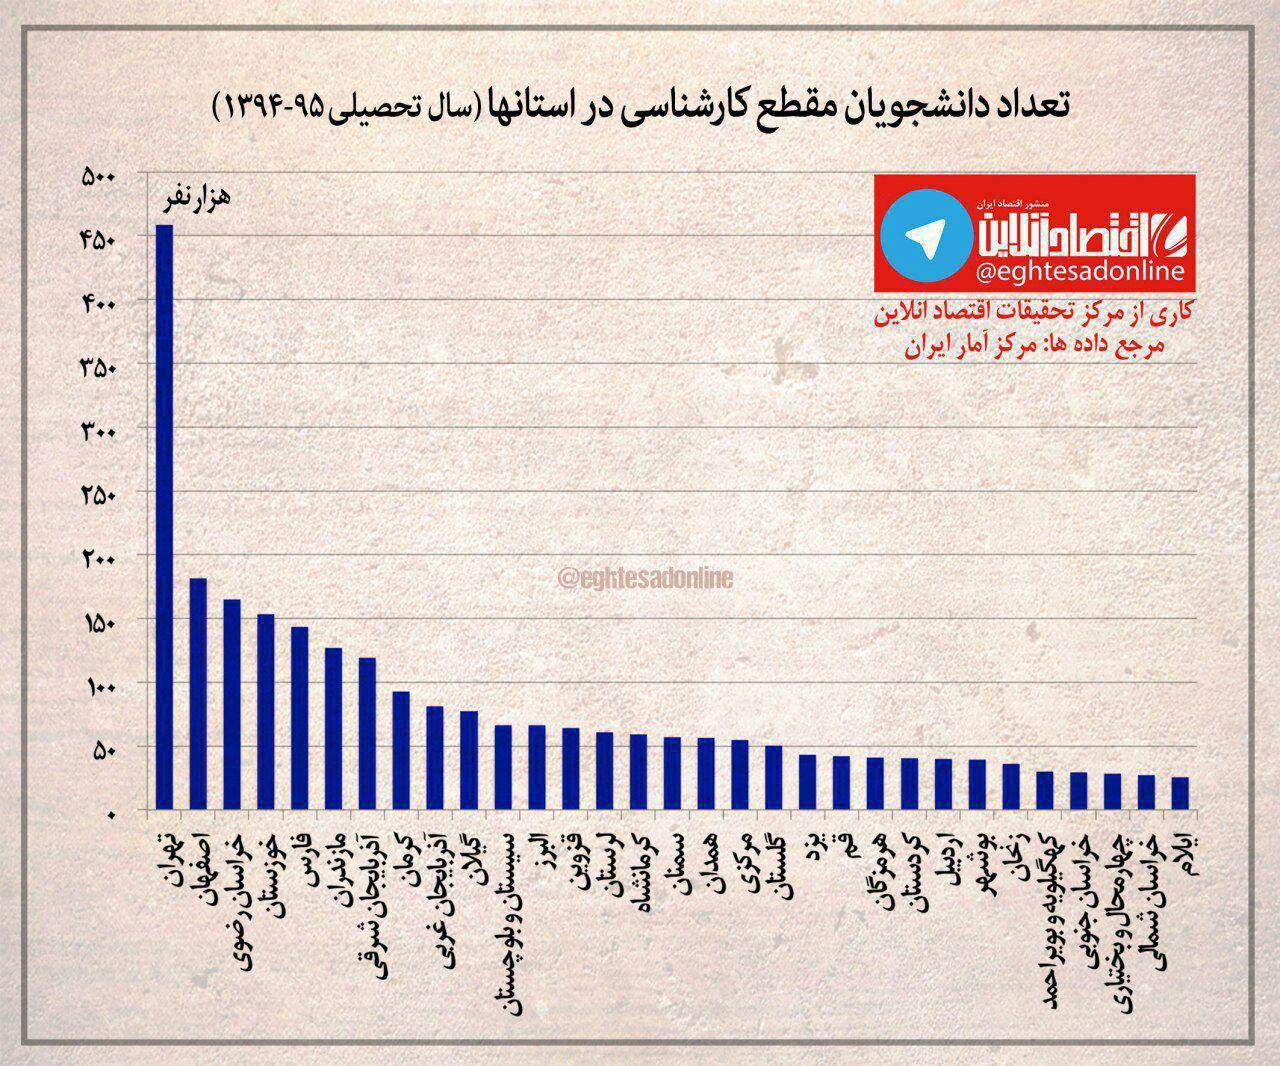 رتبهبندی استانها بر اساس تعداد دانشجویان کارشناسی/ تهران در صدر